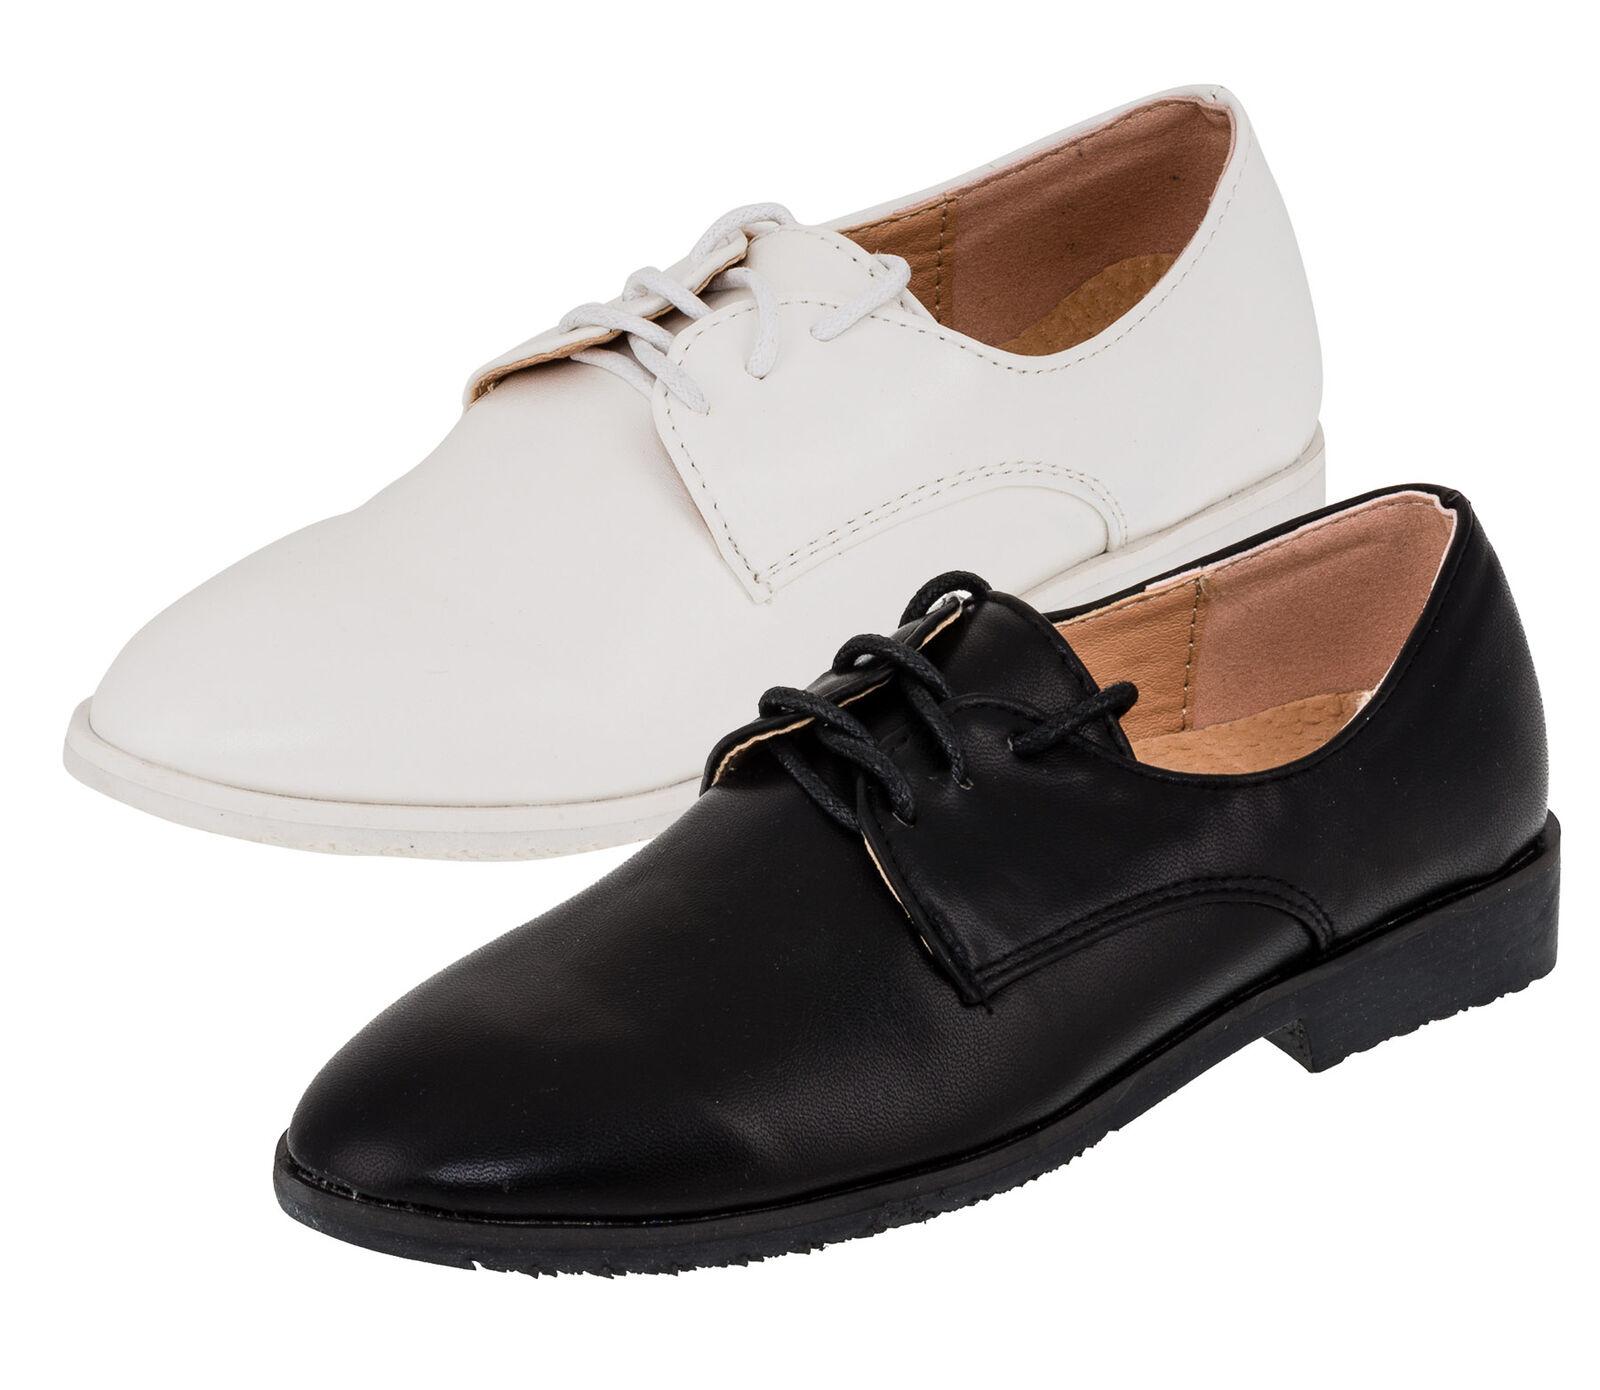 Innen Leder festliche Kinder Anzug Schuhe Hochzeit Jungen Schnürschuhe NEU